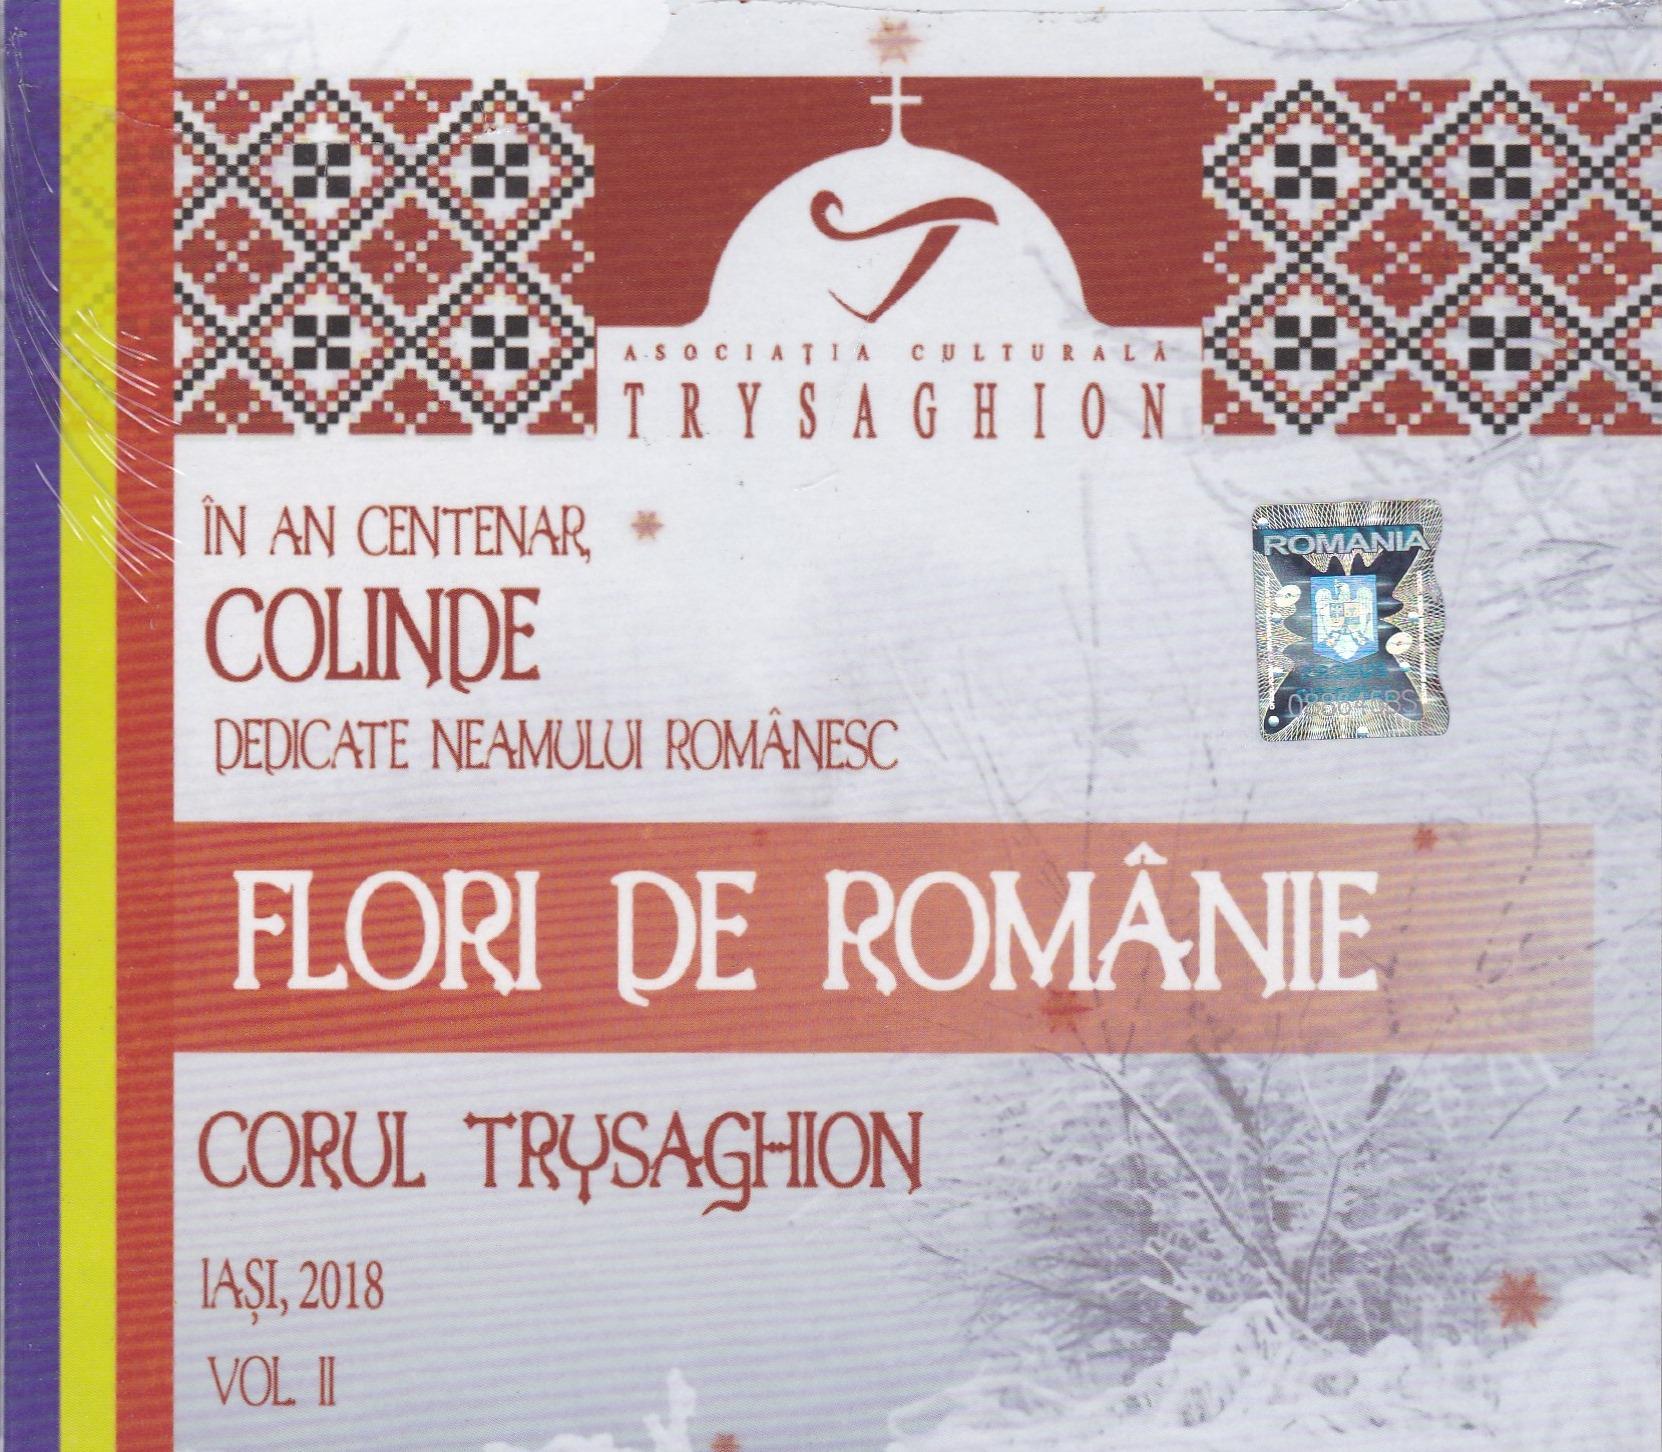 CD- Flori de Romanie vol 2 Colinde dedicate neamului romanesc